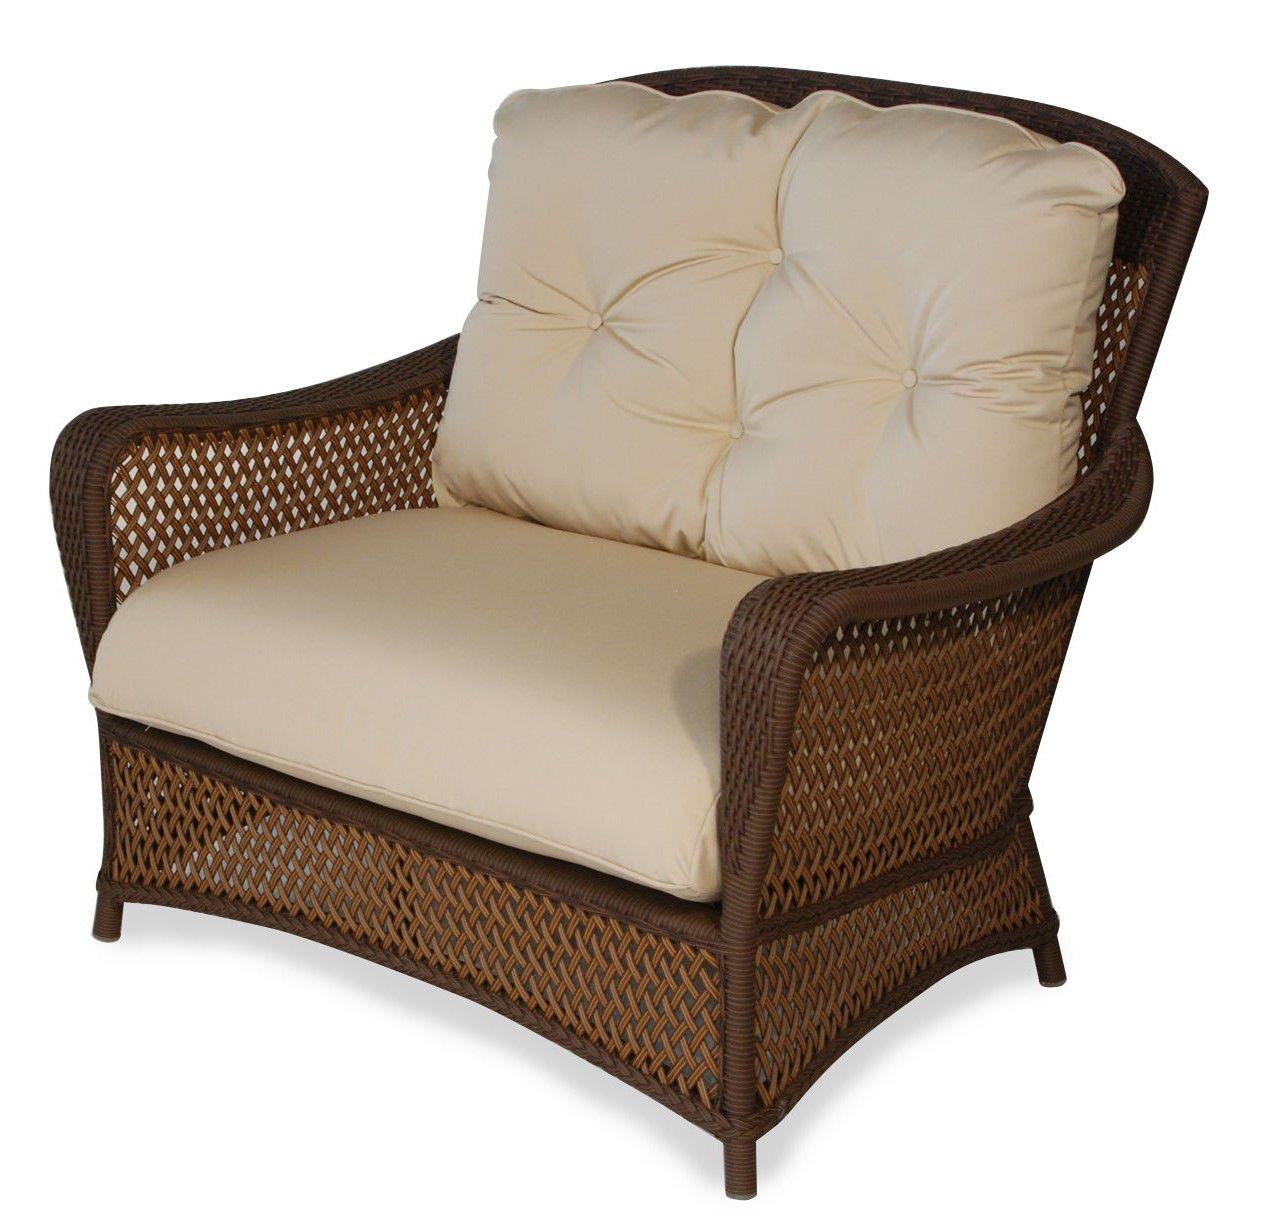 N Lloyd Flanders Chair And A Half 71315